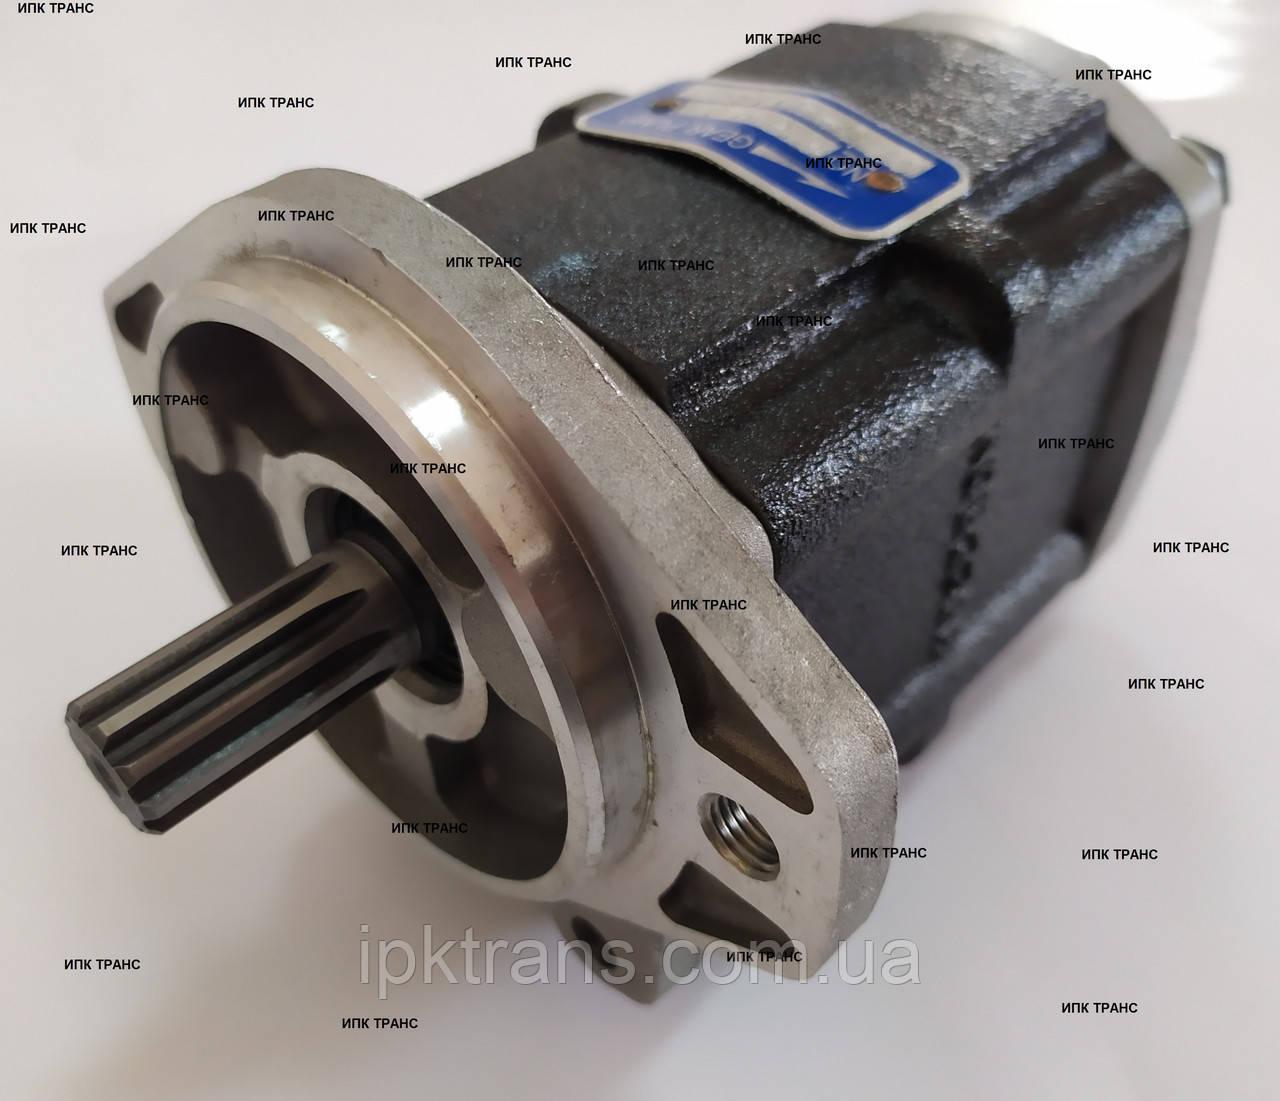 Насос гидравлики для погрузчика Toyota 7FG30 (7020 грн)  67130-33330-71, 671303333071